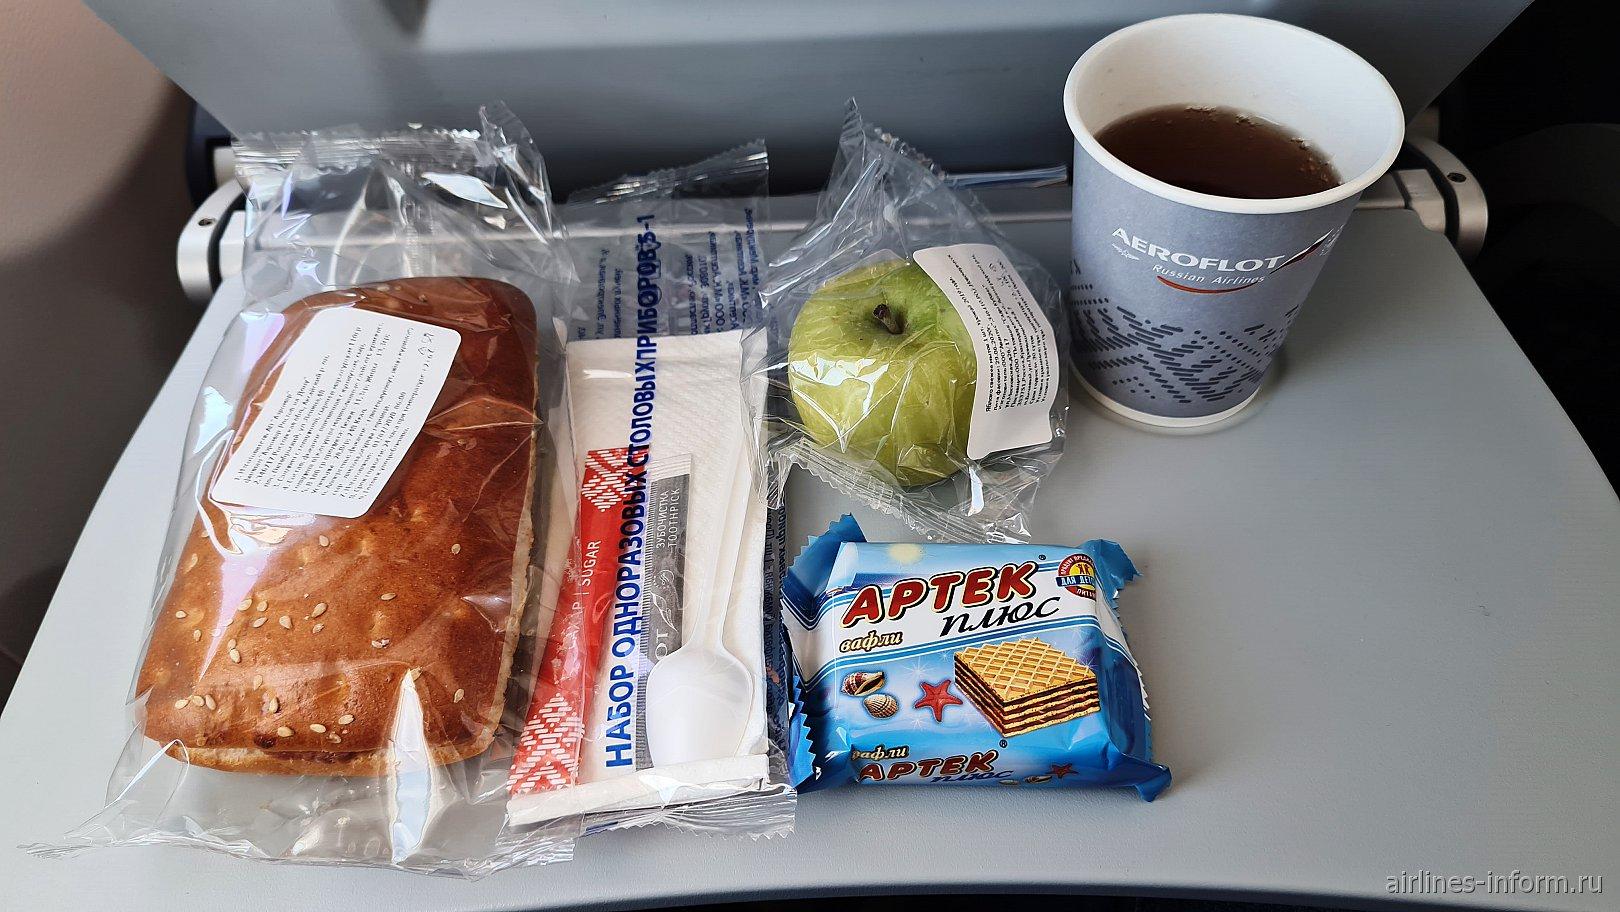 Бортовое питание на рейсе Аэрофлота Ростов-Москва